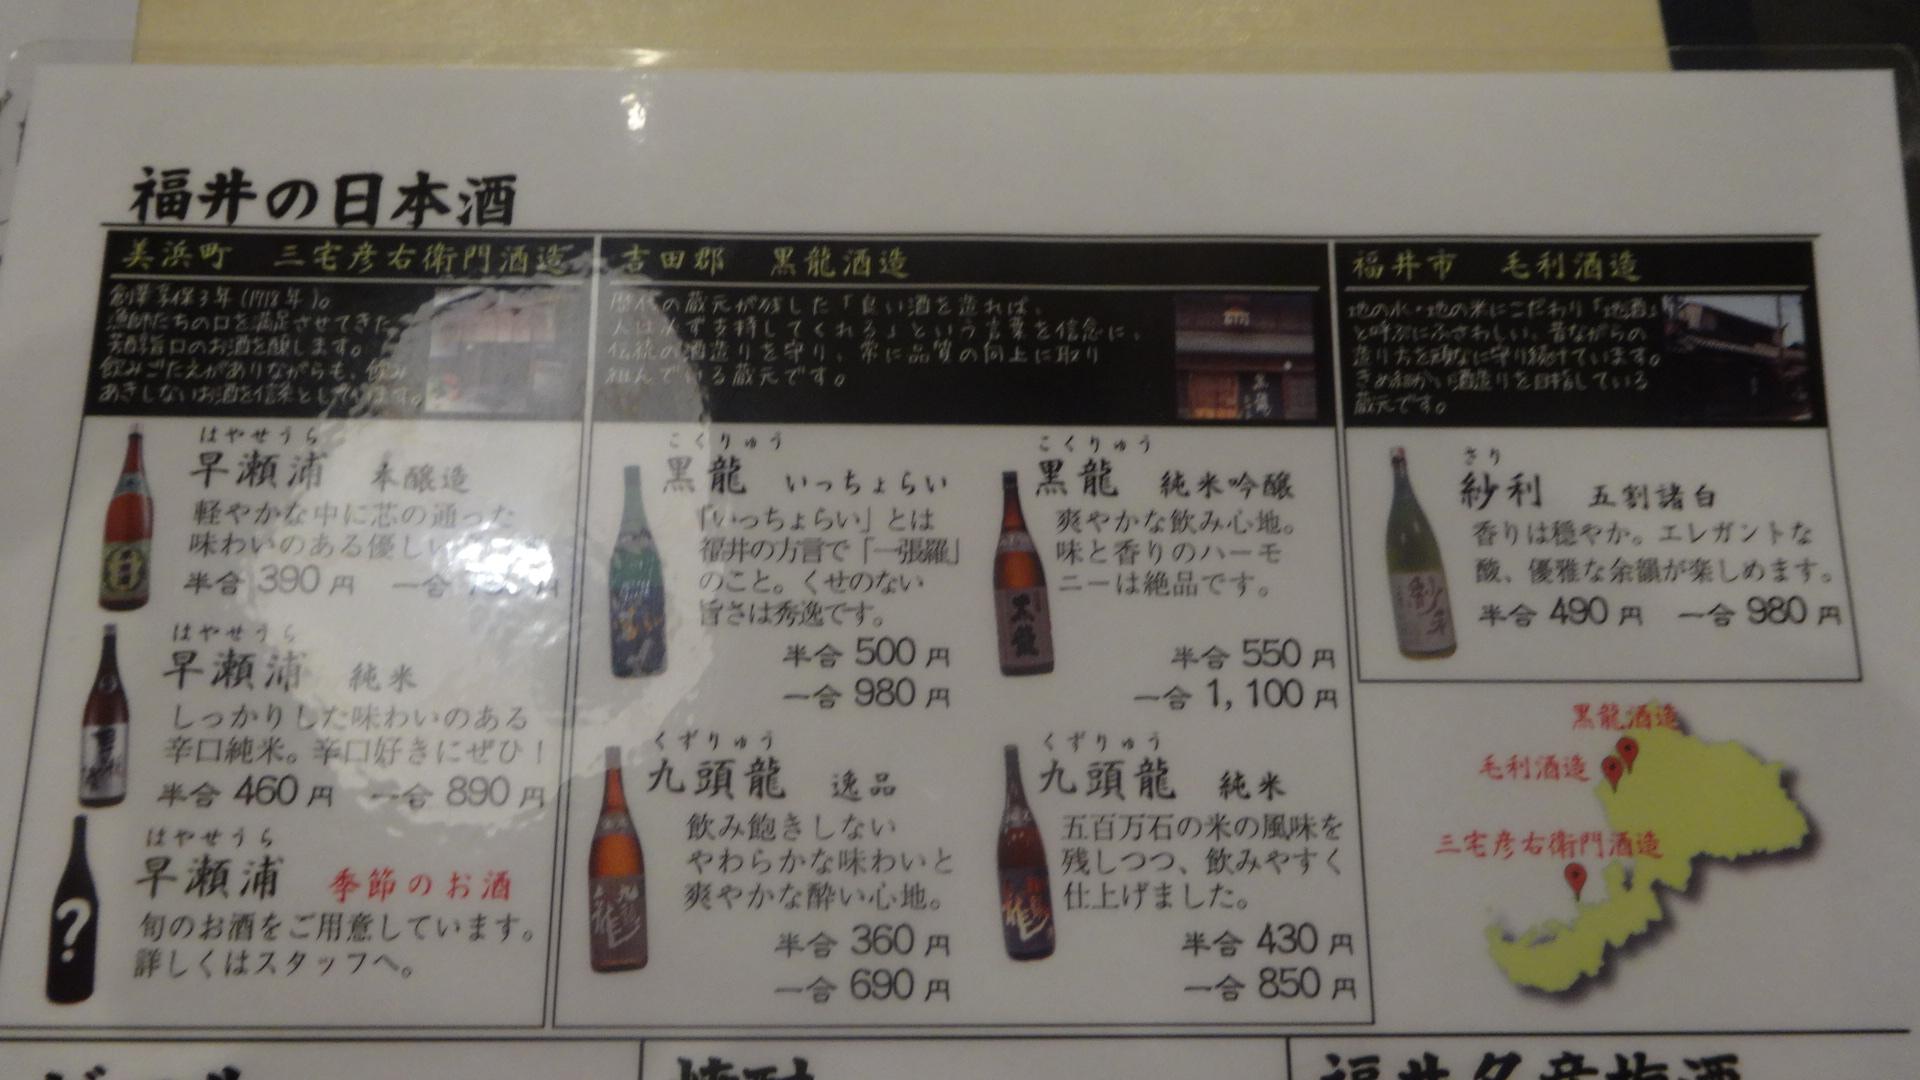 福井の地酒のメニュー